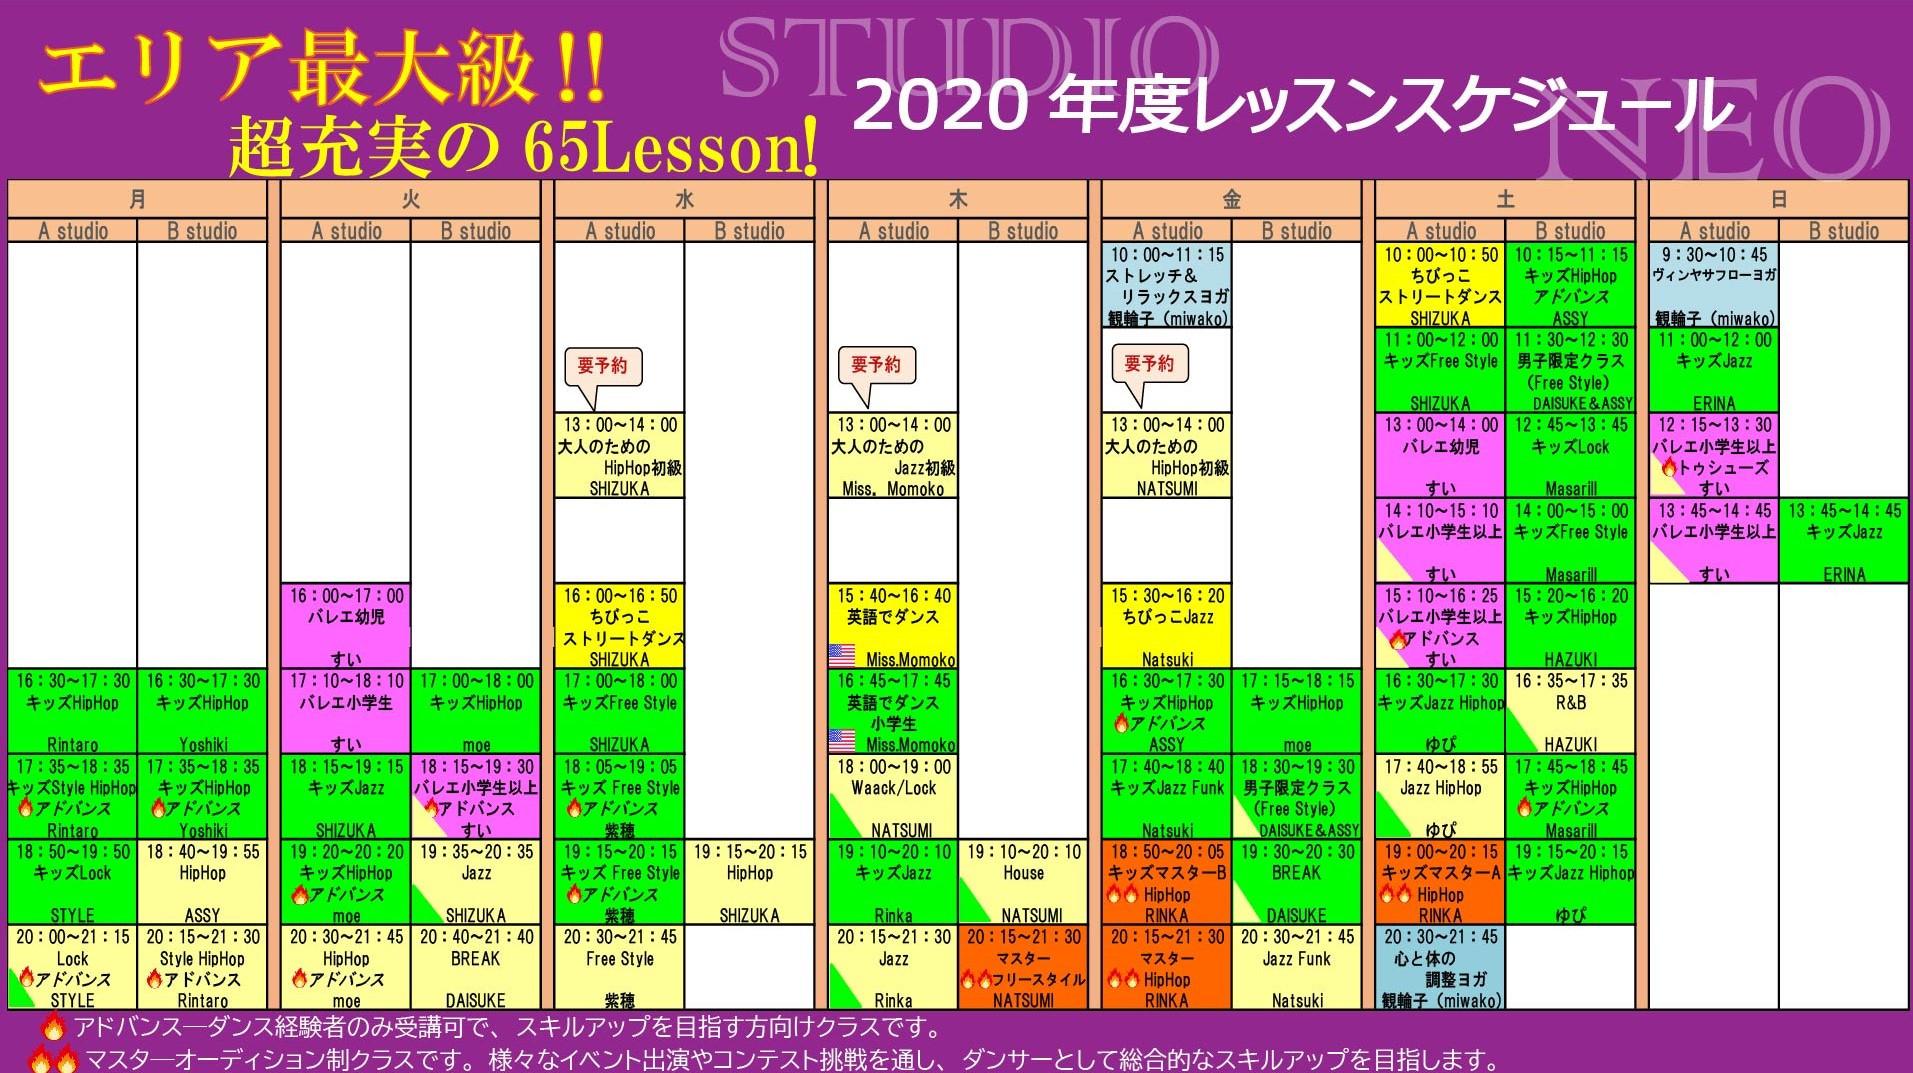 2020年度レッスンスケジュール6月最新 (2).jpg